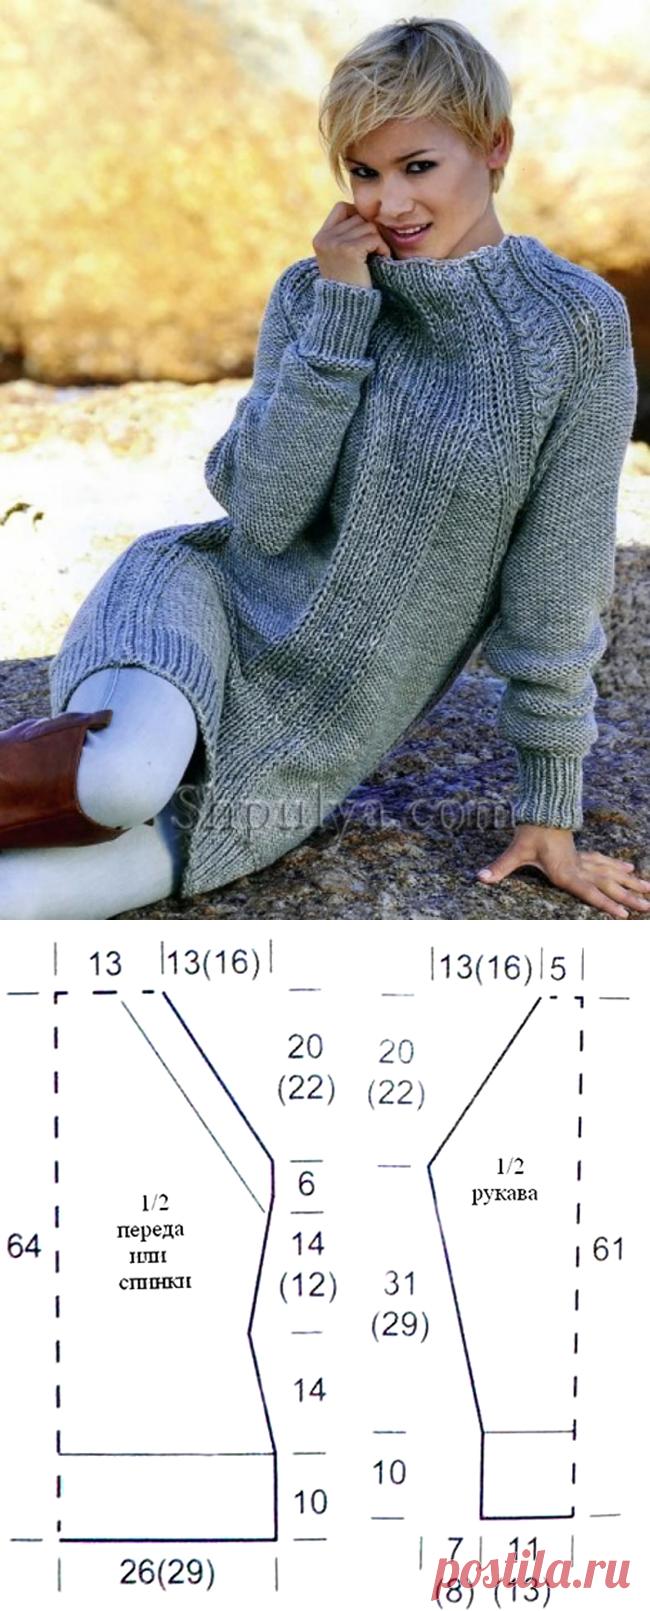 Теплое платье с рукавами реглан — Shpulya.com - схемы с описанием для вязания спицами и крючком